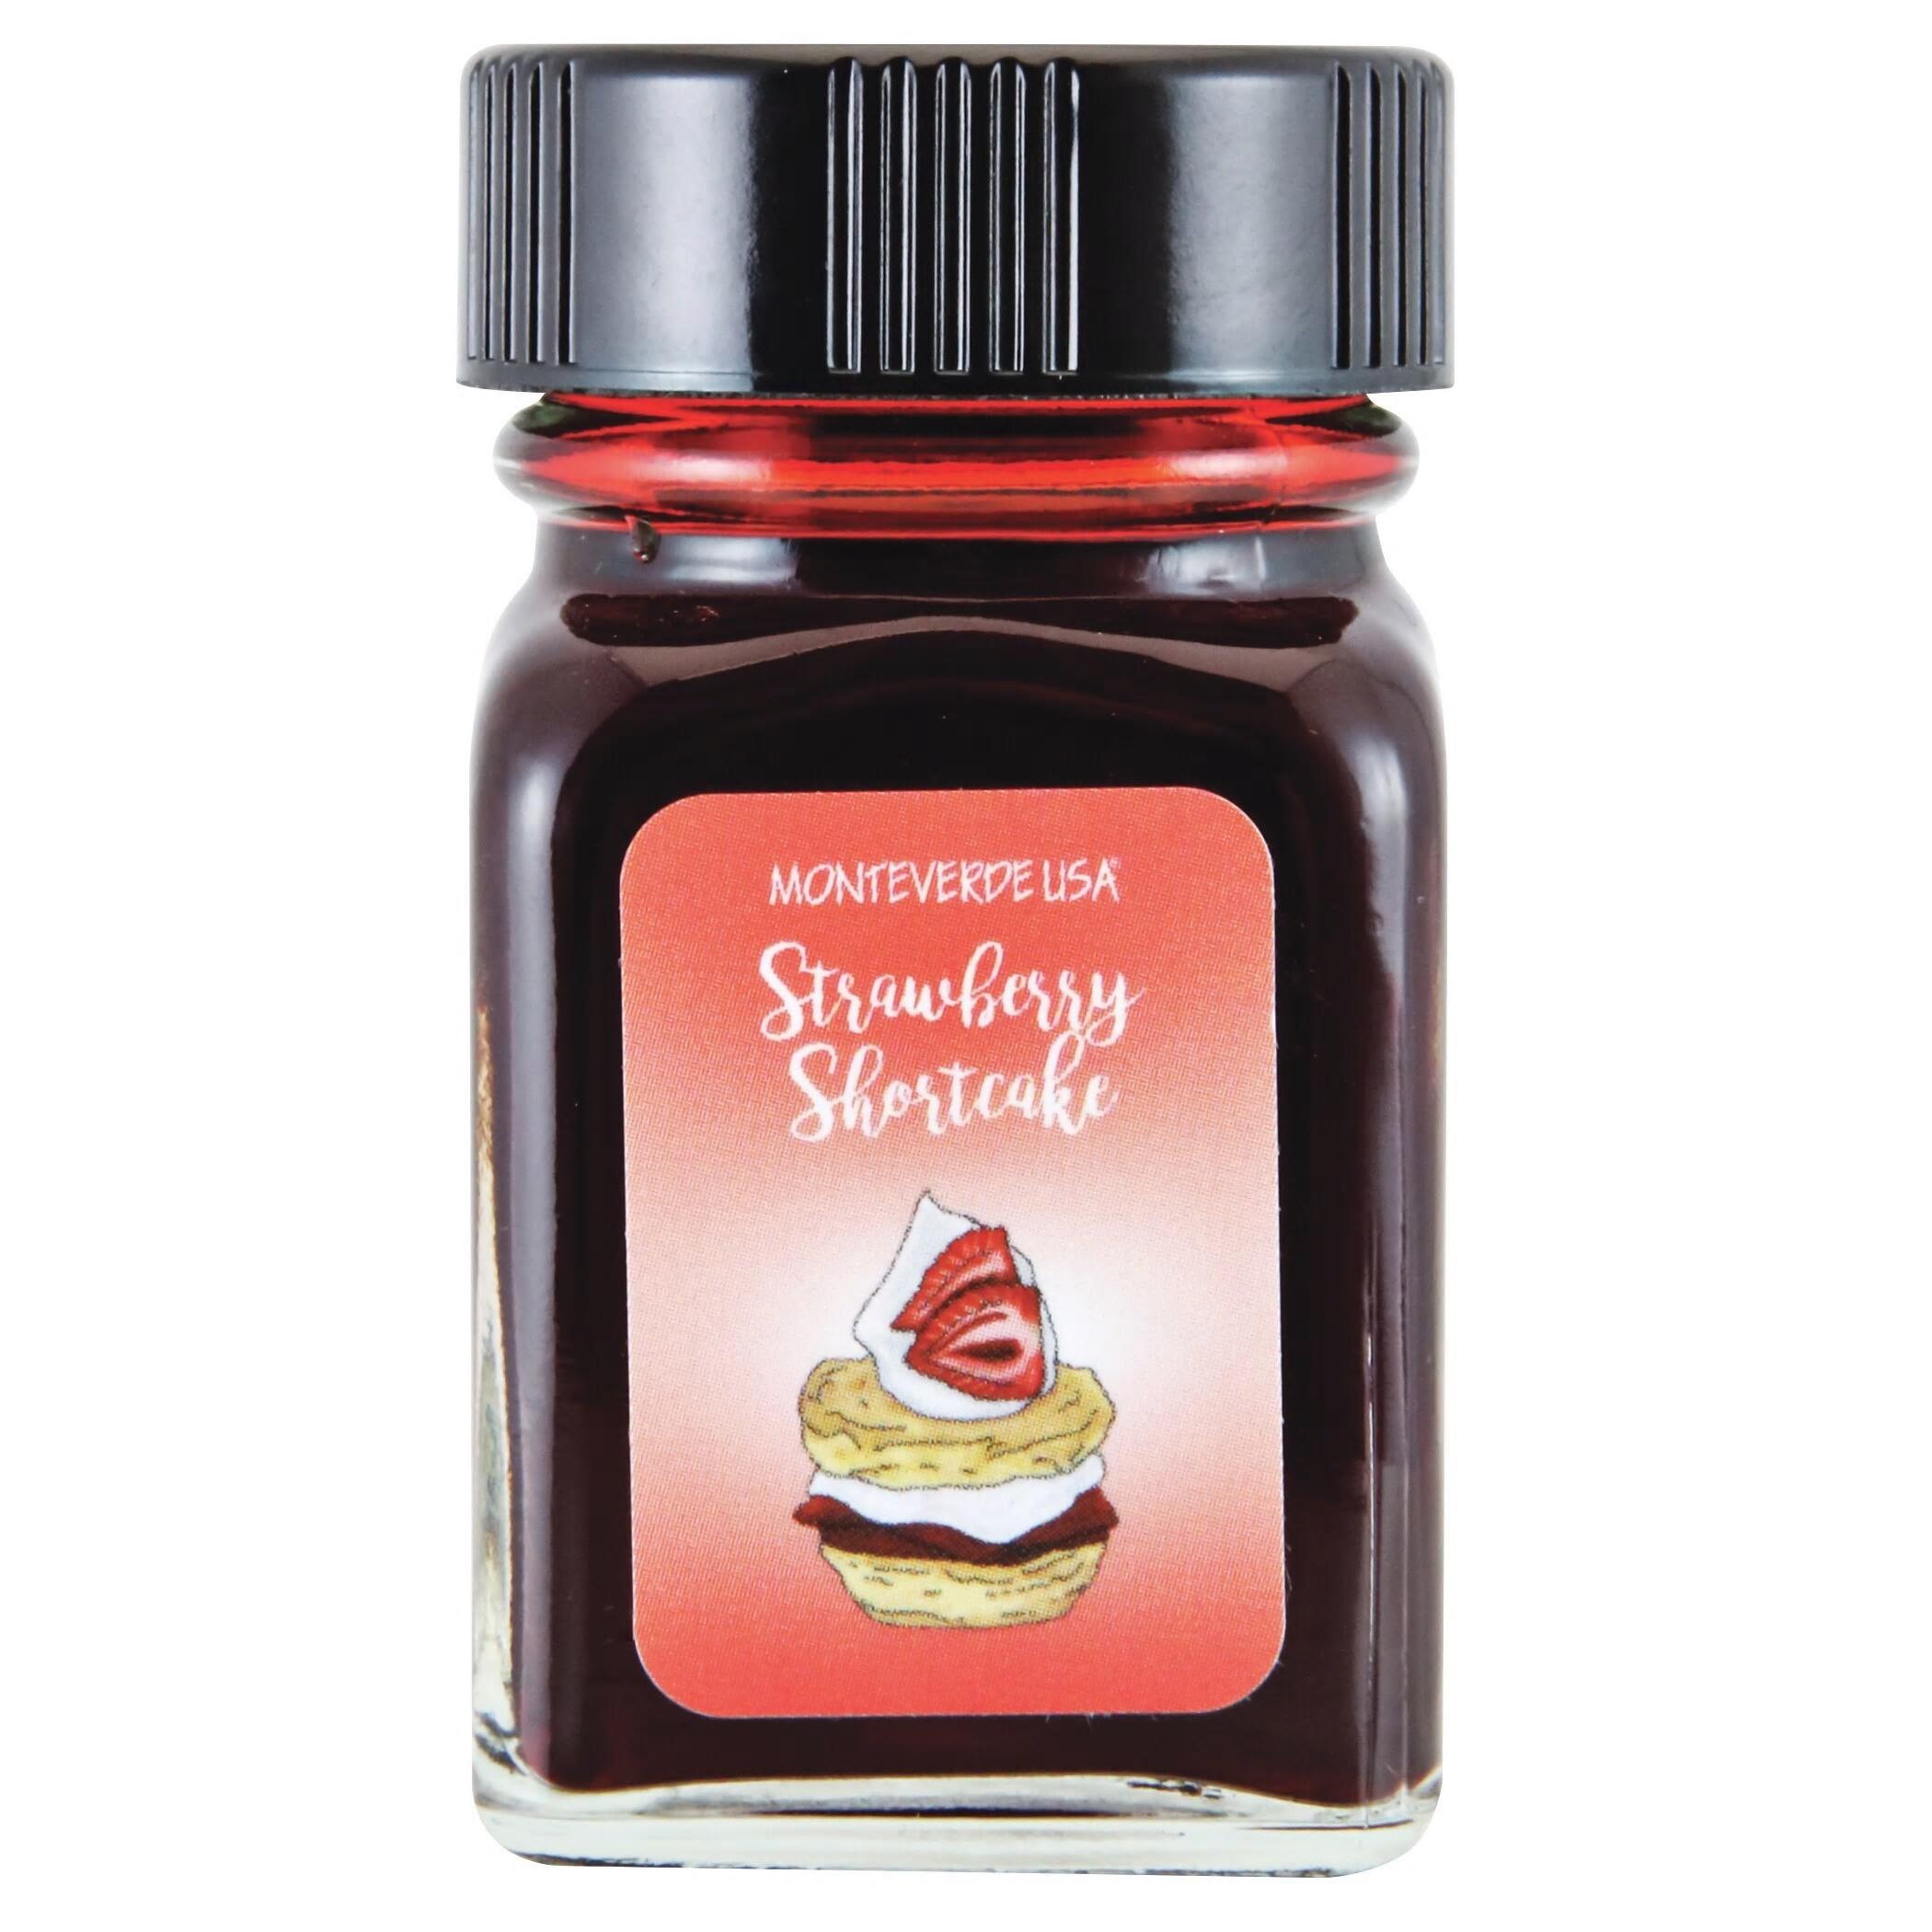 Monteverde Sweet LIfe - Strawberry Shortcake 30ml